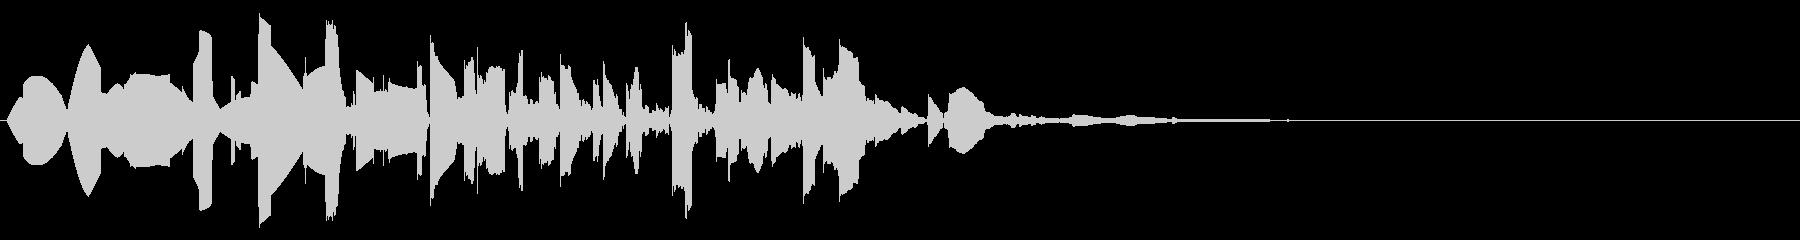 ファミコン風_ノック音3の未再生の波形